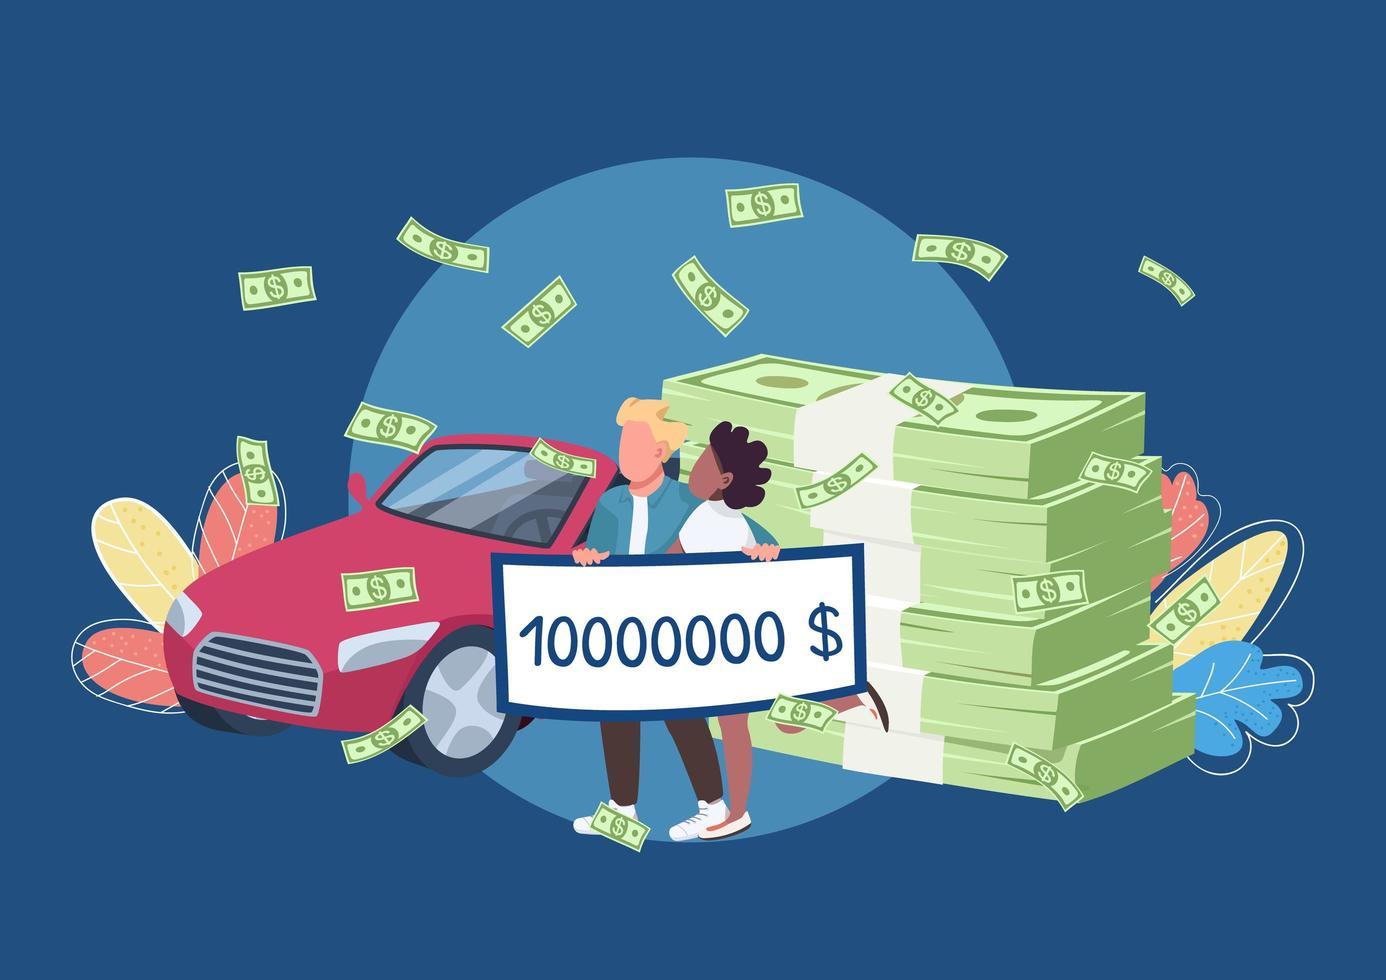 loterijwinnaars met een grote geldcheque vector